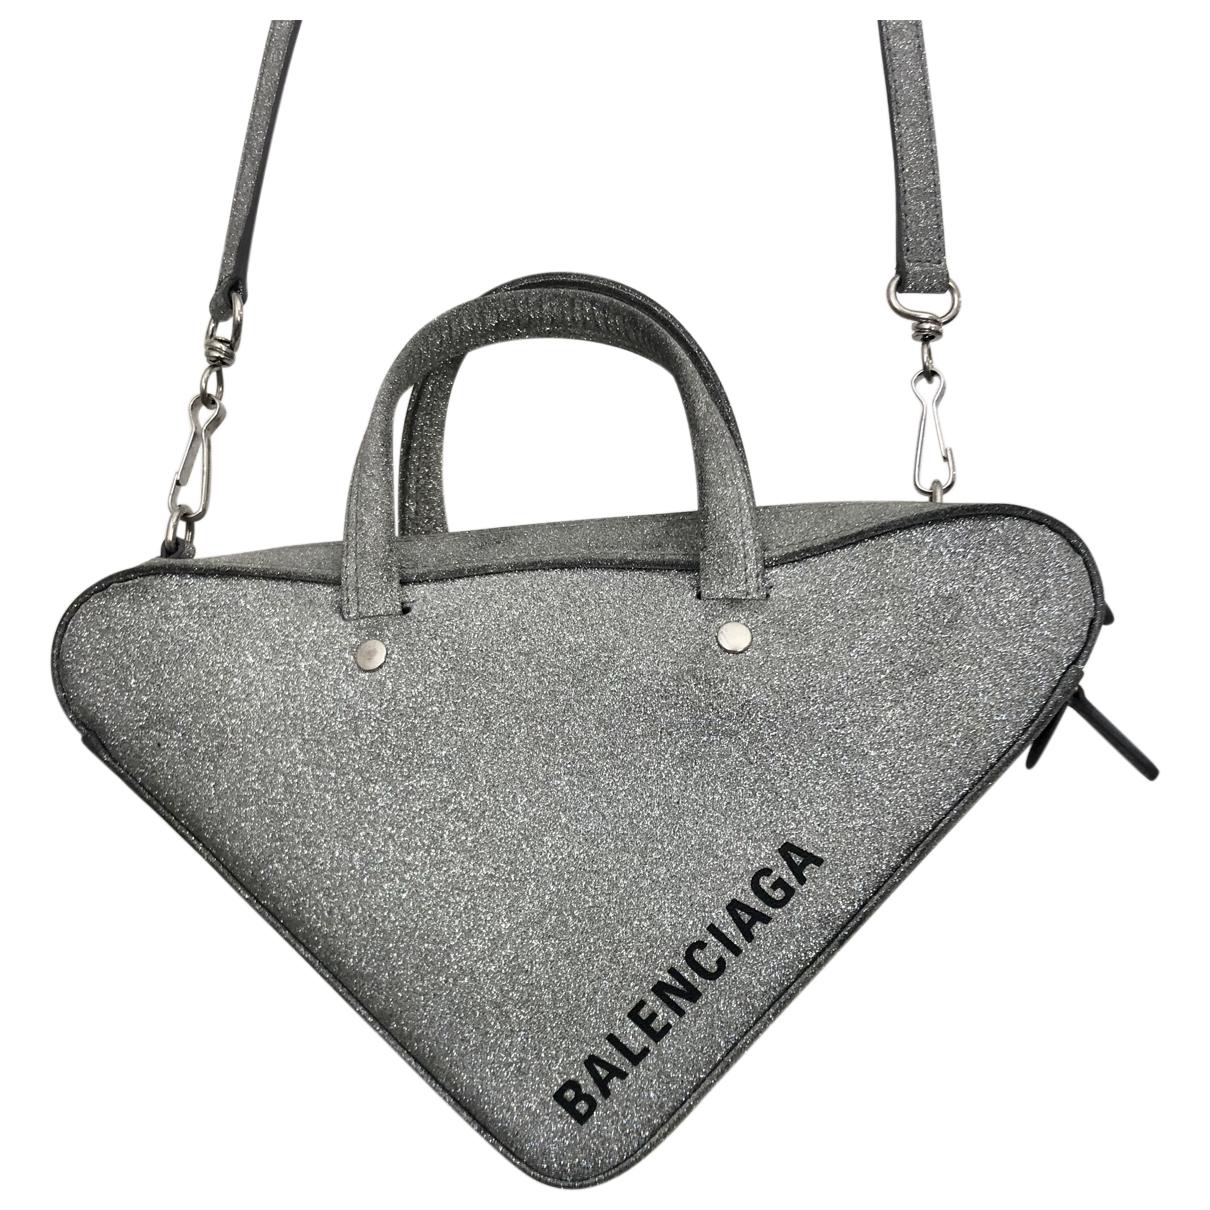 Balenciaga - Sac a main Triangle pour femme en cuir - argente